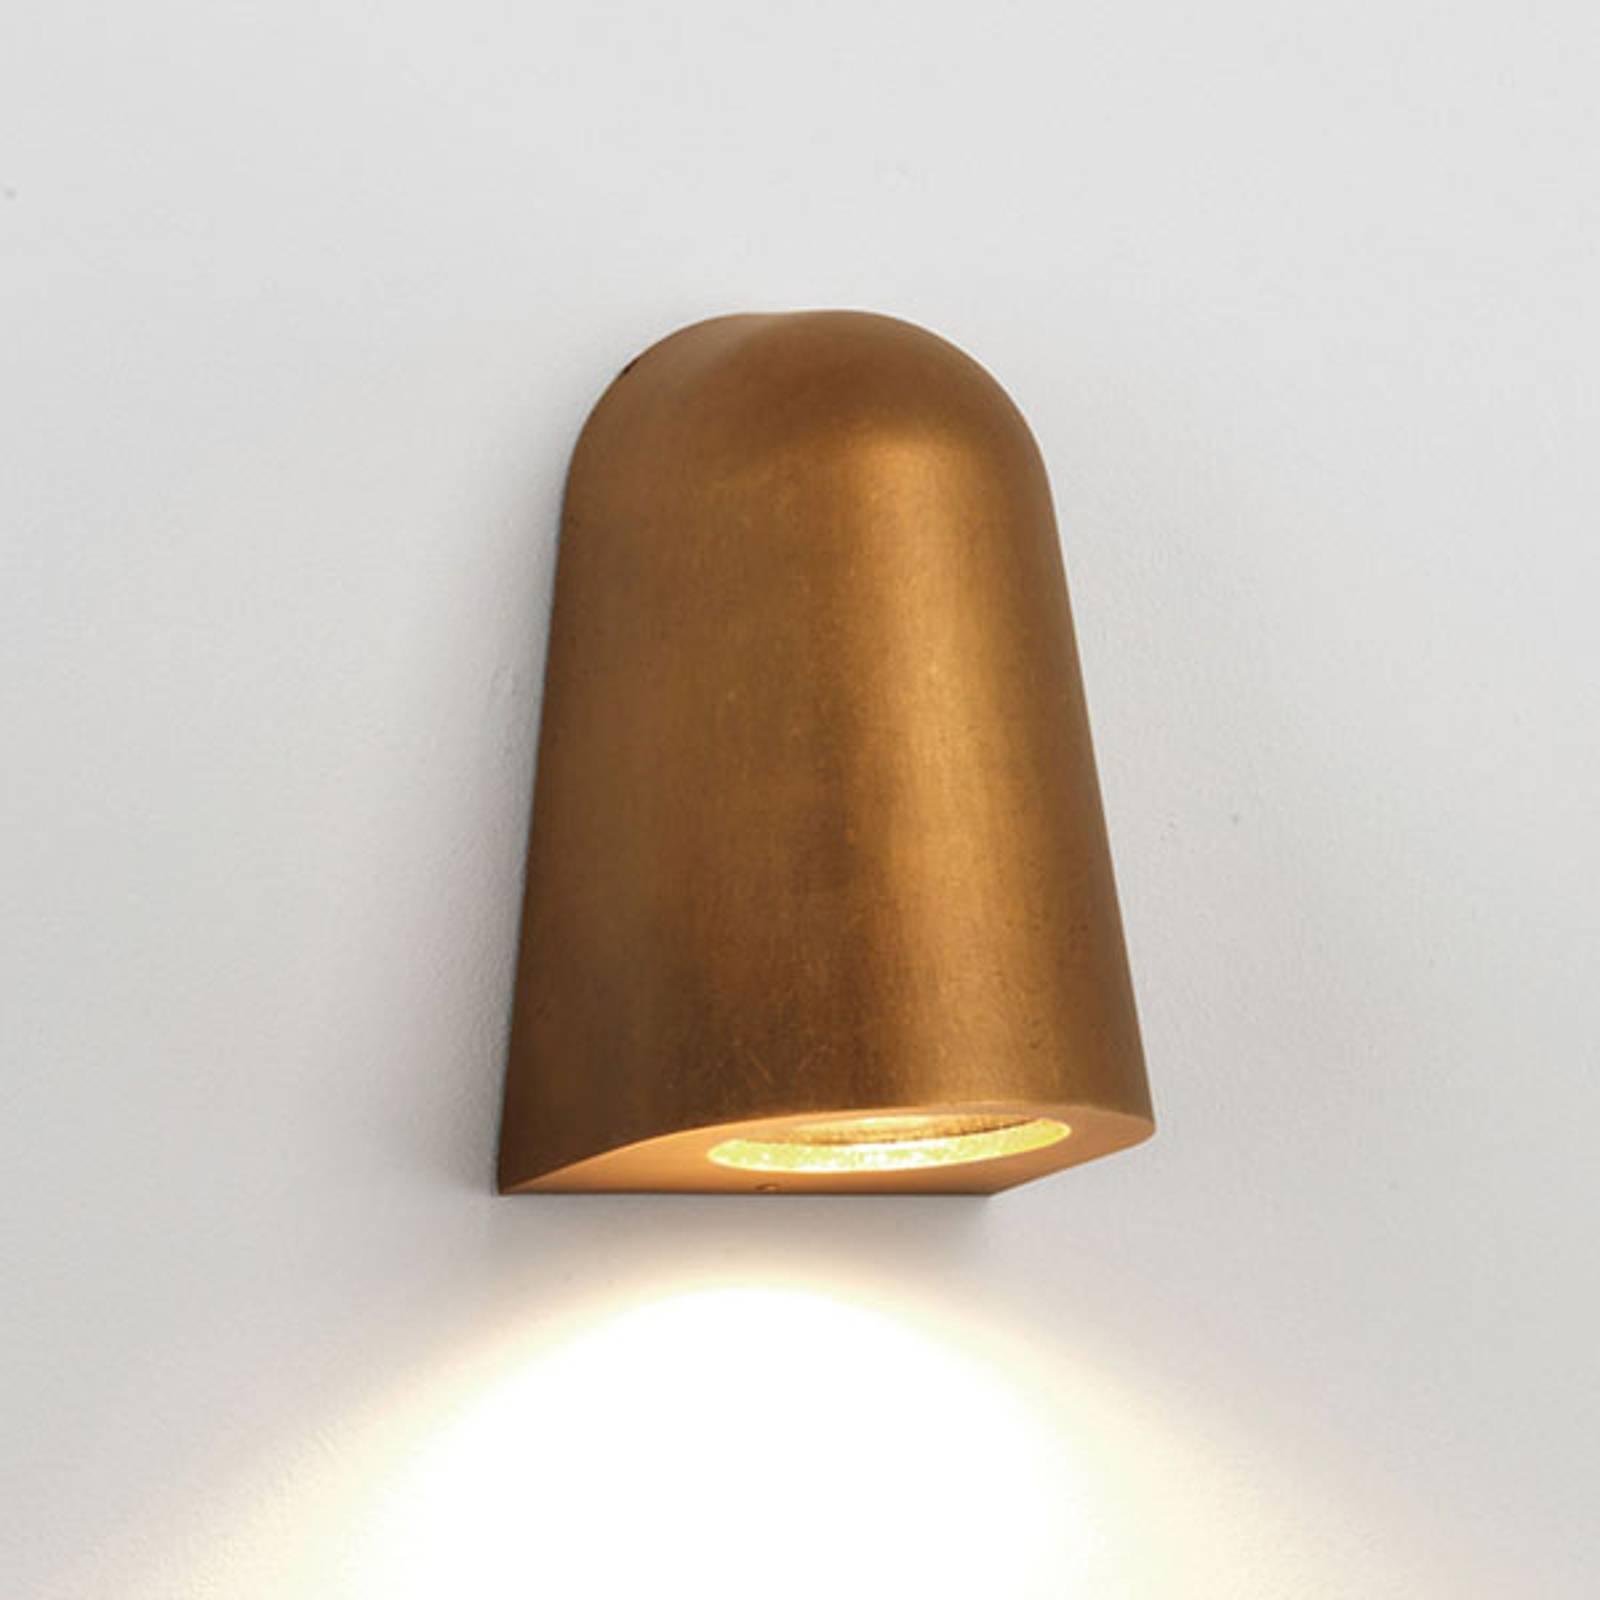 Astro Mast Light-ulkoseinälamppu, antiikkimessinki